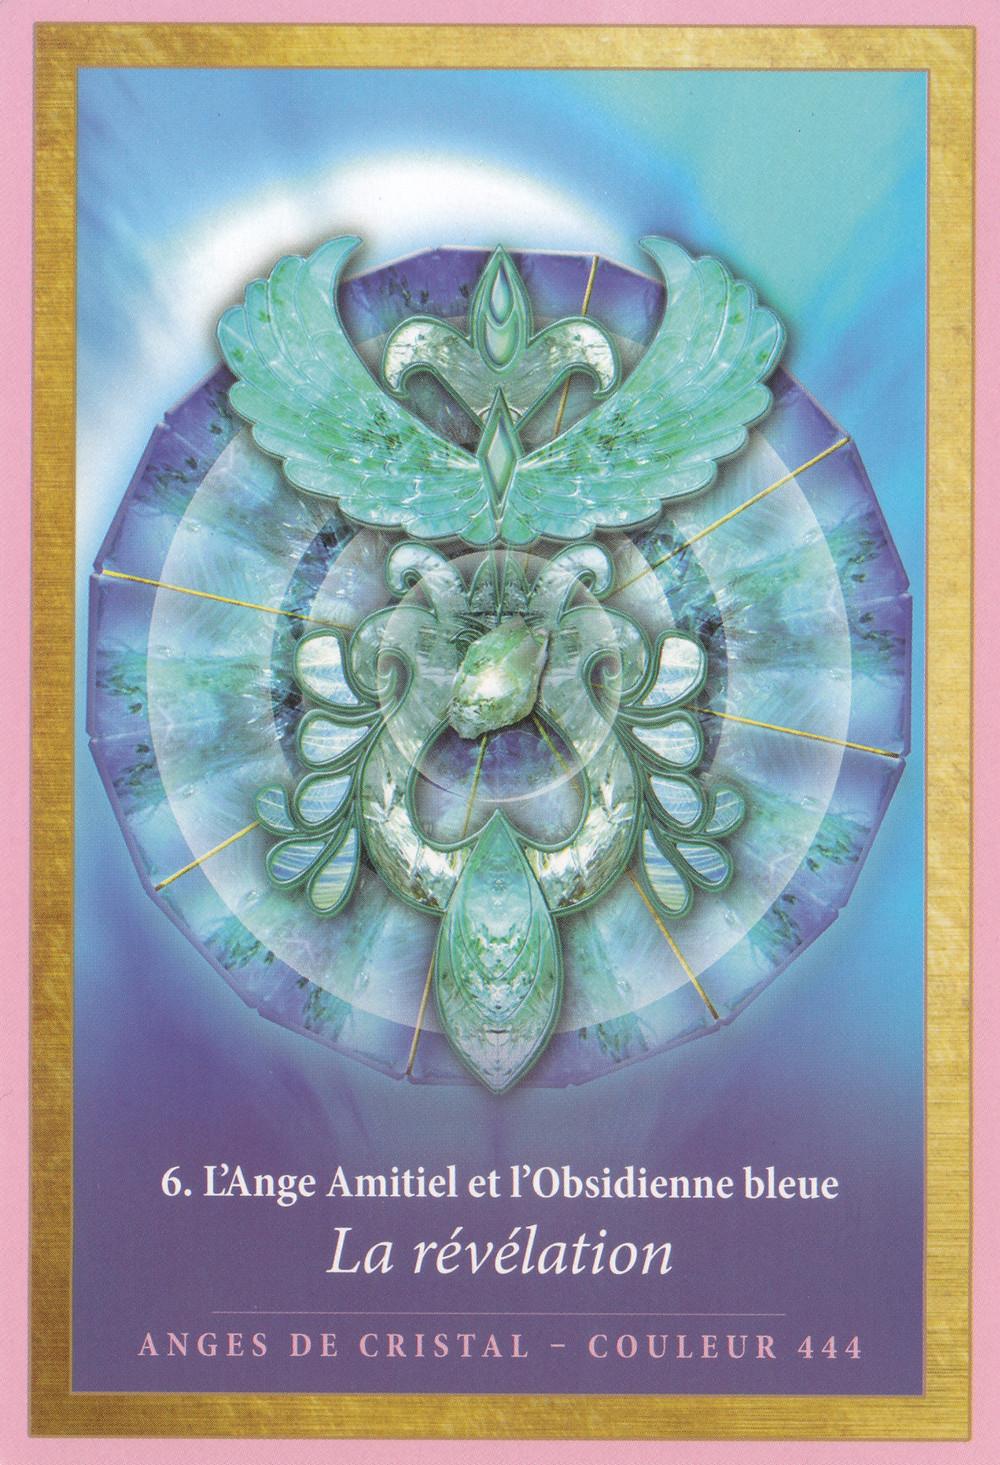 Carte de L'Energie des Anges et des Cristaux d'Alana Fairchild - 6 - La révélation - Energies du 24 -25 -26 janvier 2020 (Nouvelle Lune) : L'heure des nouvelles Vérités a sonné !